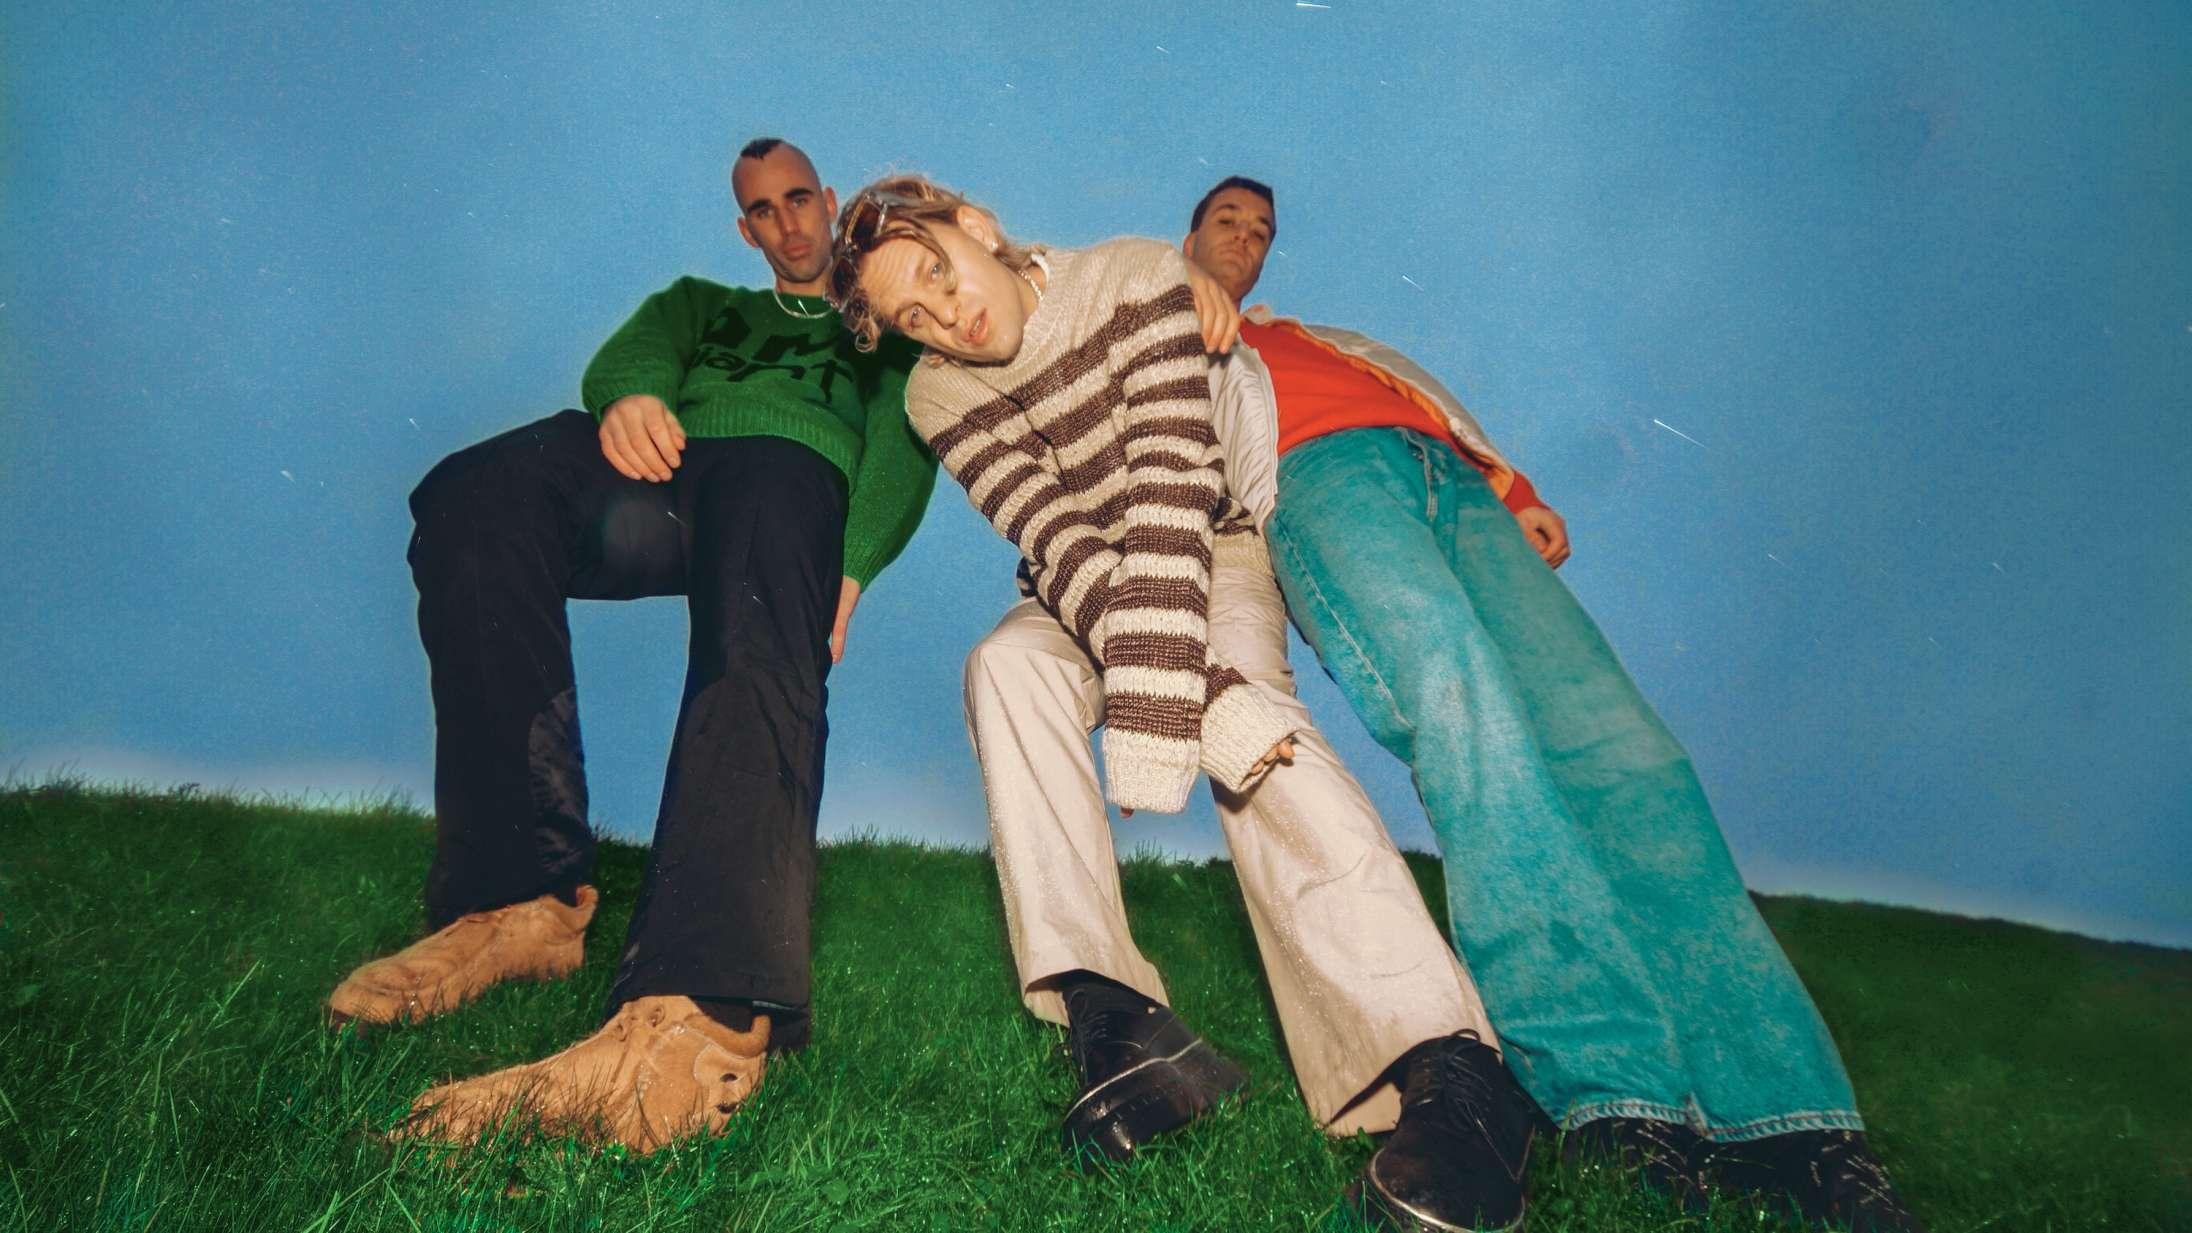 Scarlet Pleasures 'Druk'-sang  har succes næsten to år efter sin oprindelige udgivelse